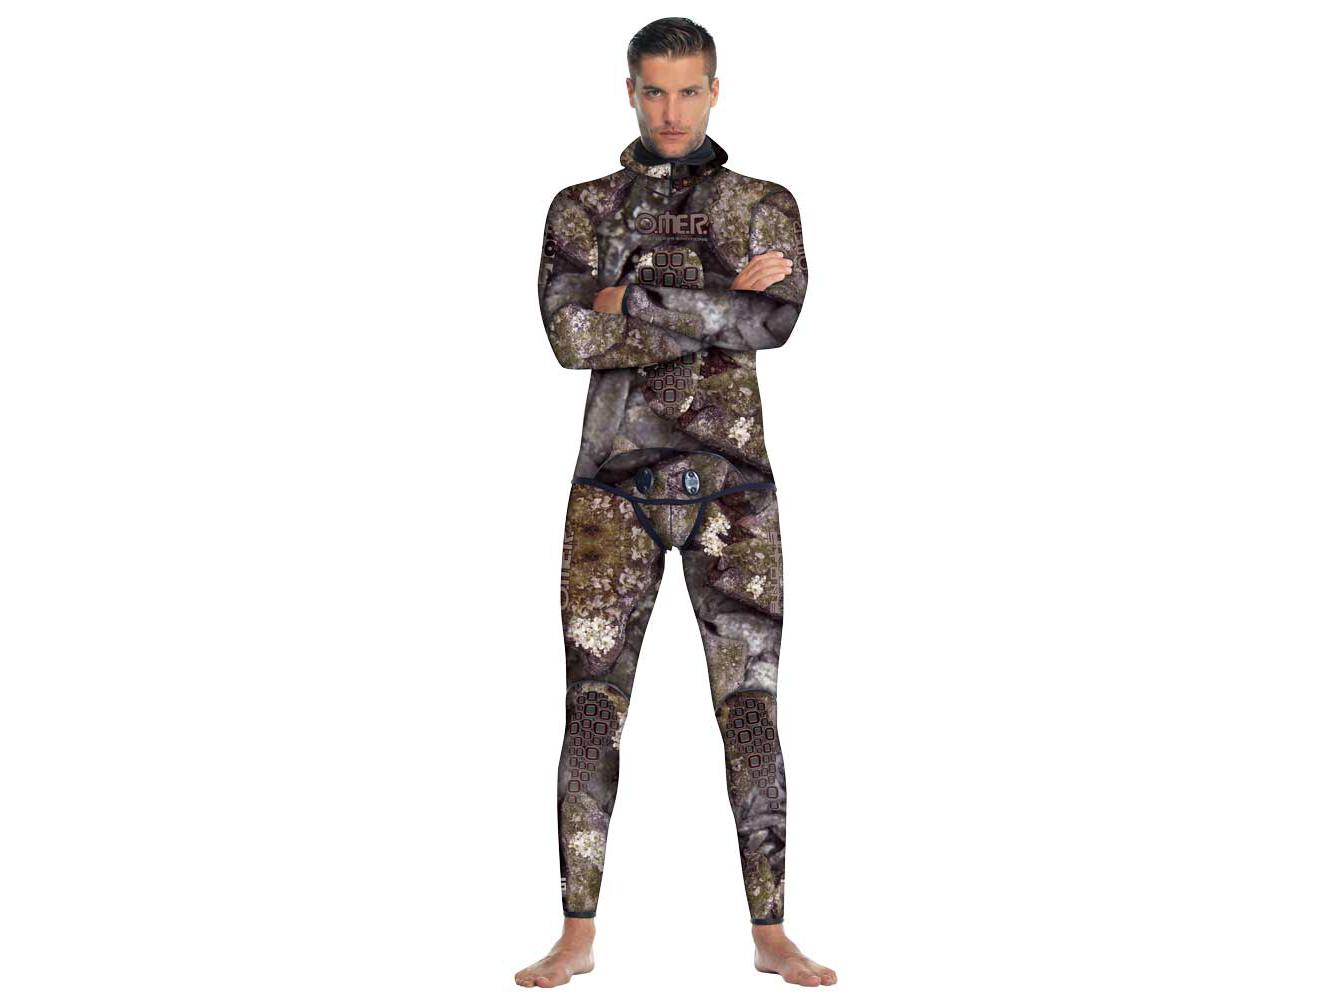 OMER HOLO STONE(オマー ホロストーン) 5mm フード股掛け付きジャケット+HWパンツ ウェットスーツ ※要在庫確認